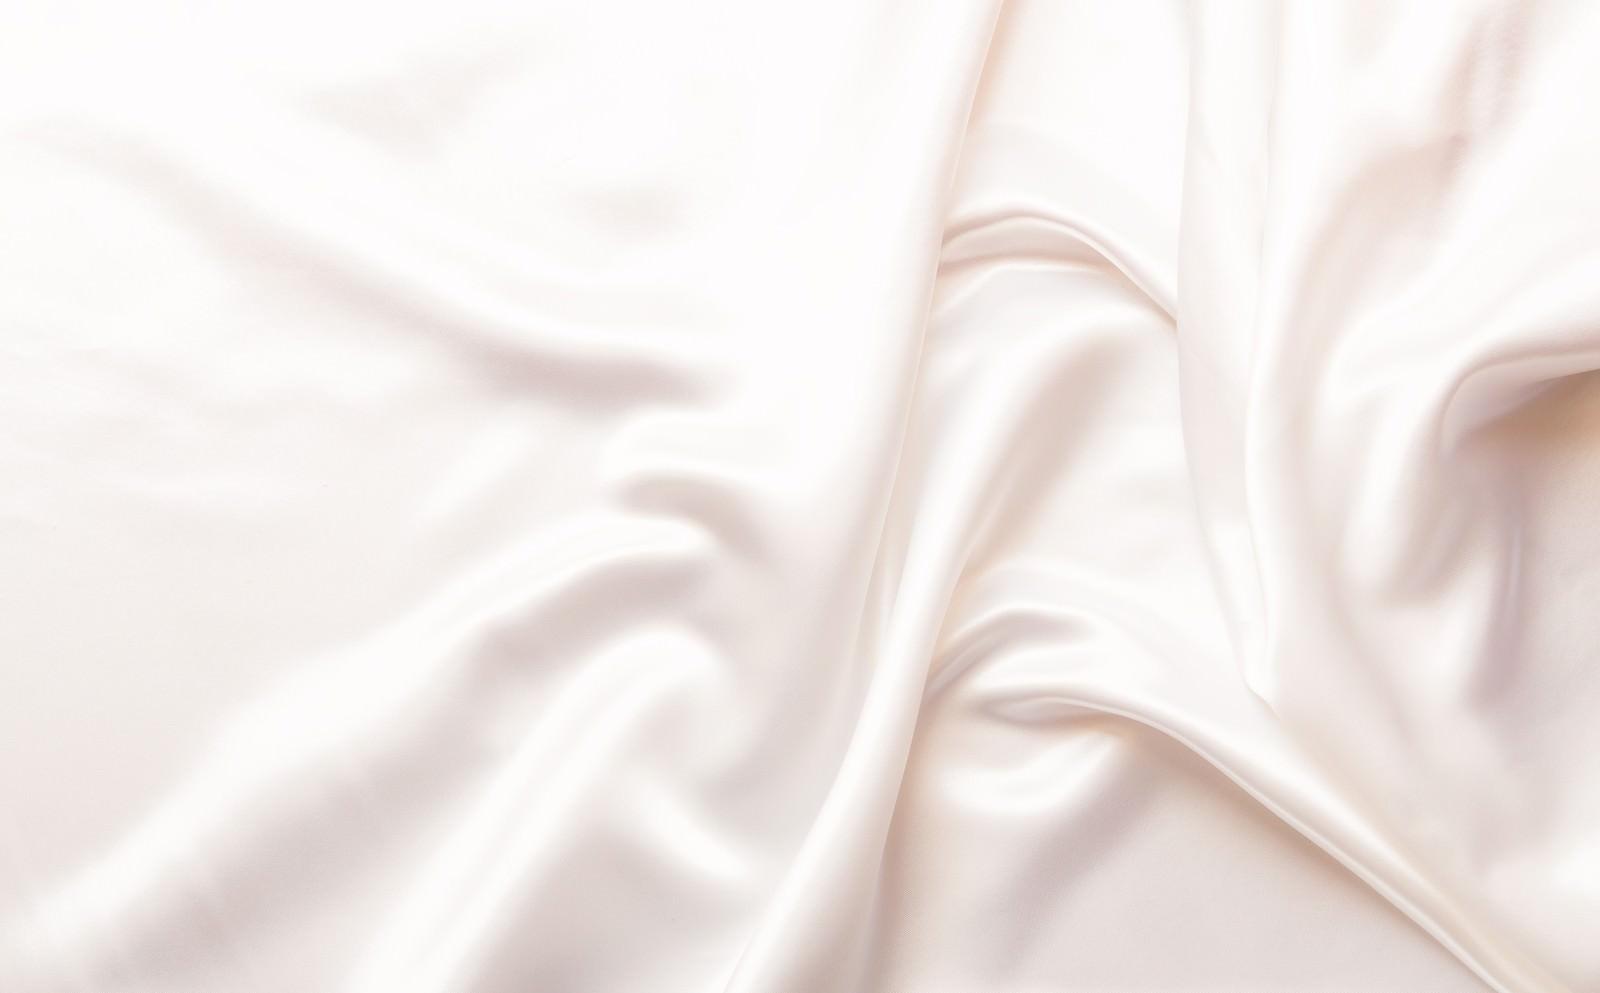 「プレゼント用の白いシルクプレゼント用の白いシルク」のフリー写真素材を拡大